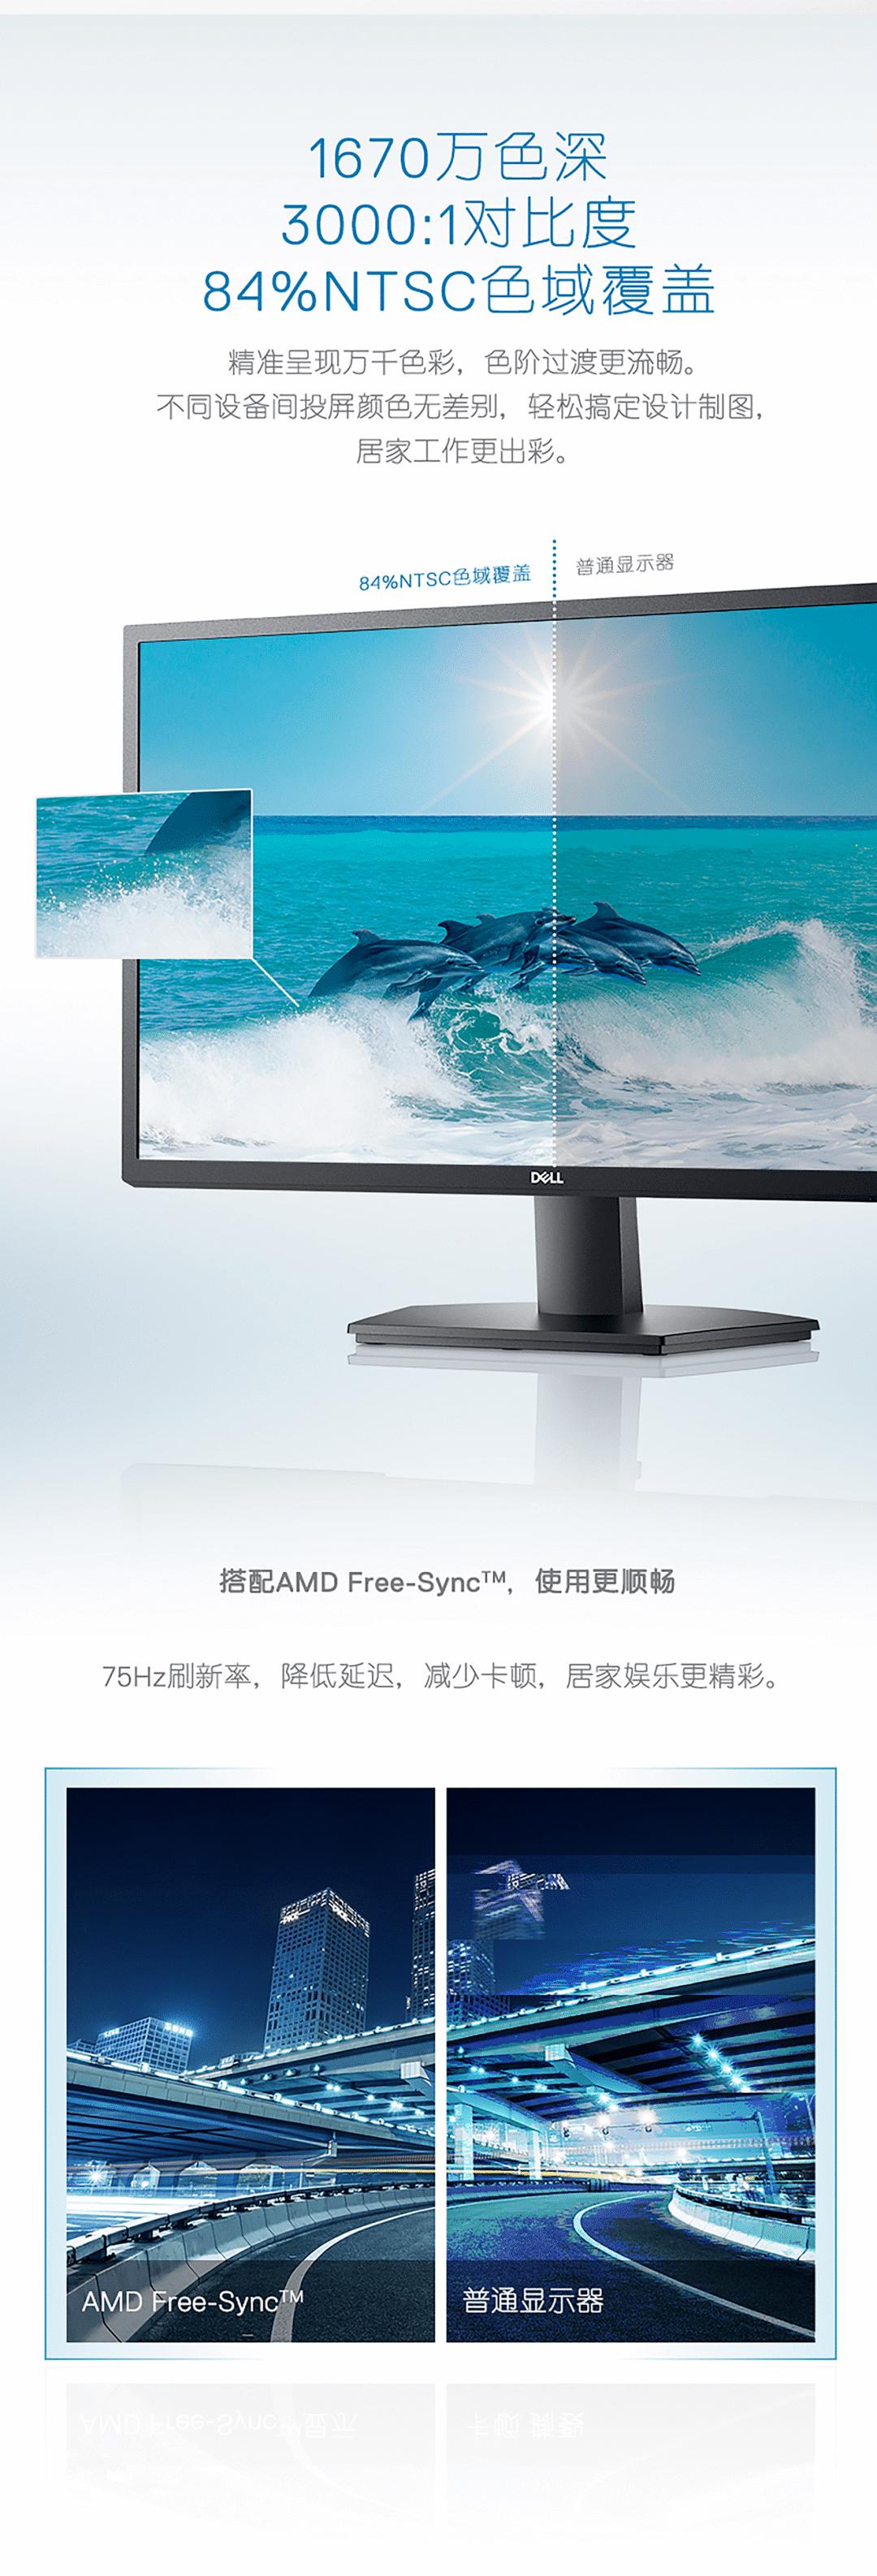 新品丨戴尔SE2722H显示器,一屏全能